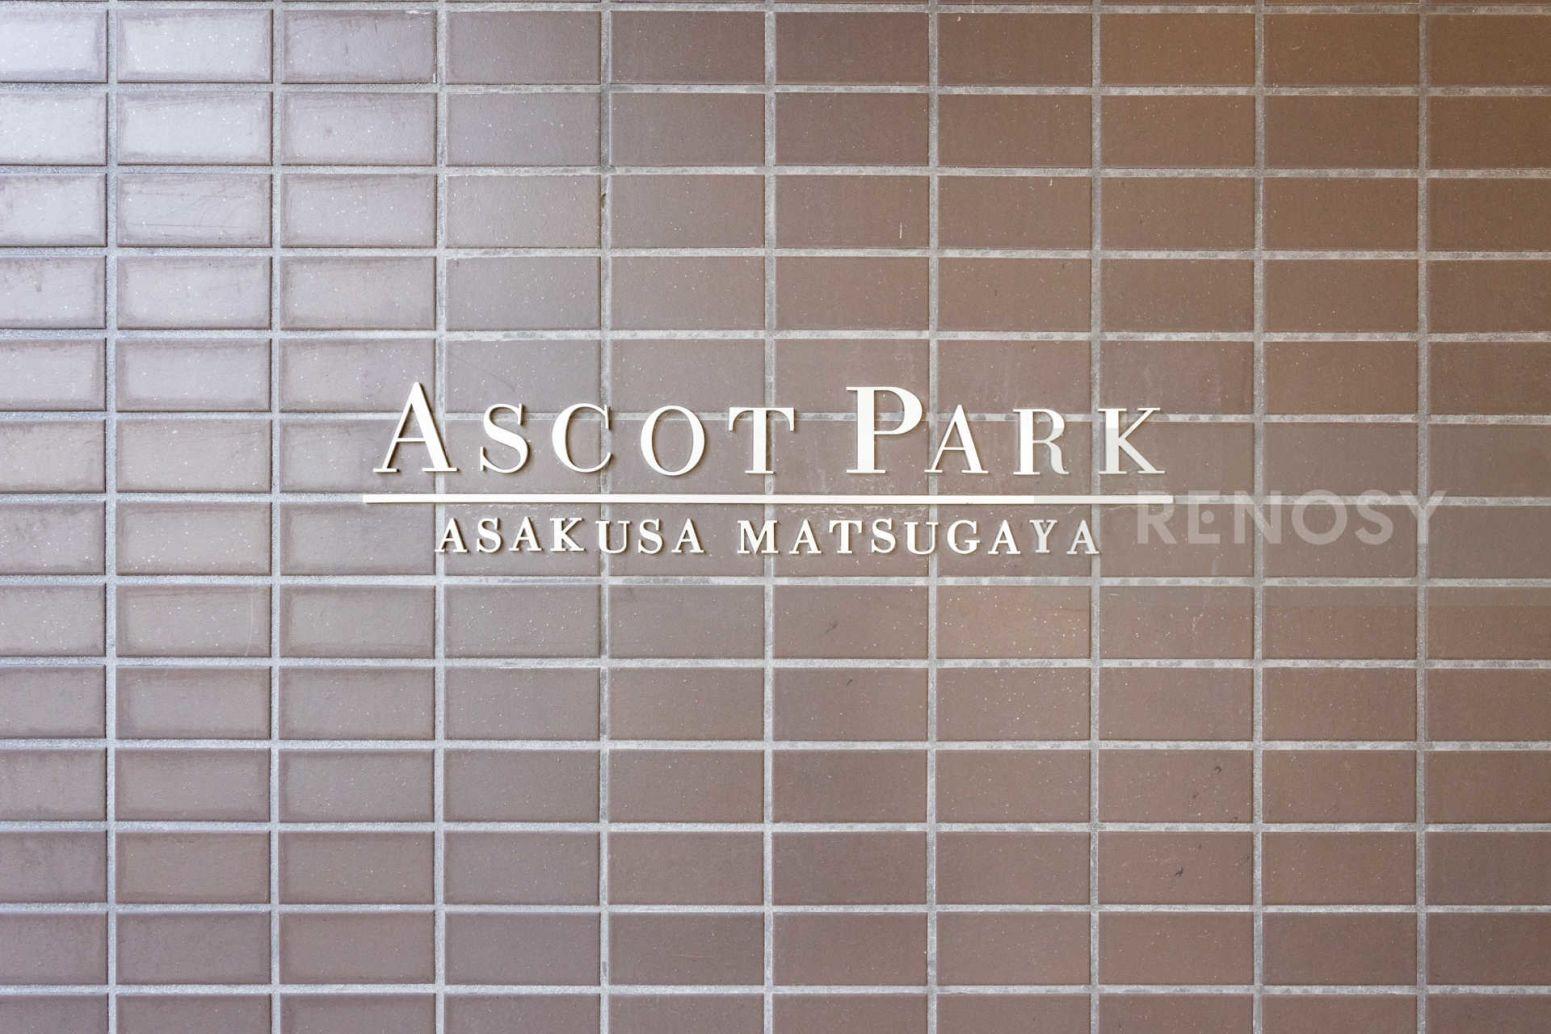 アスコットパーク浅草松が谷